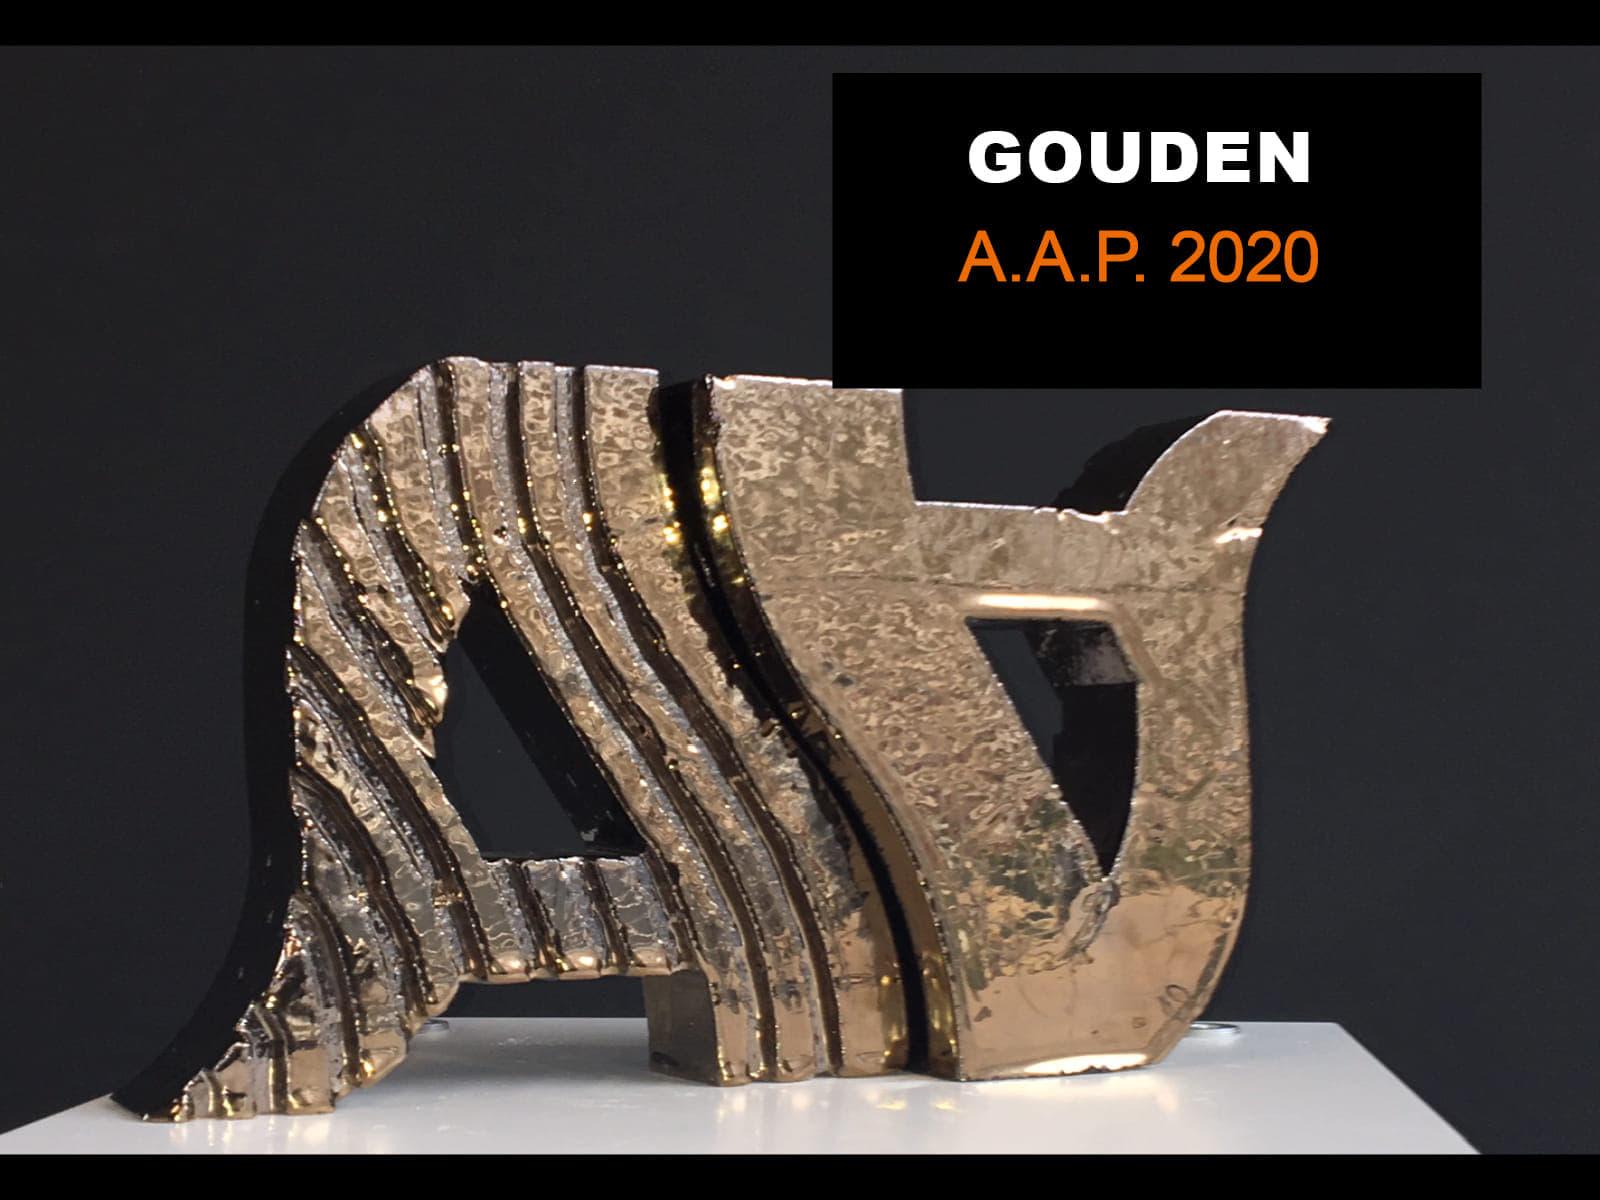 Gouden Awards in de vorm van twee A's voor de Amsterdamse Architectuurprijs 2020